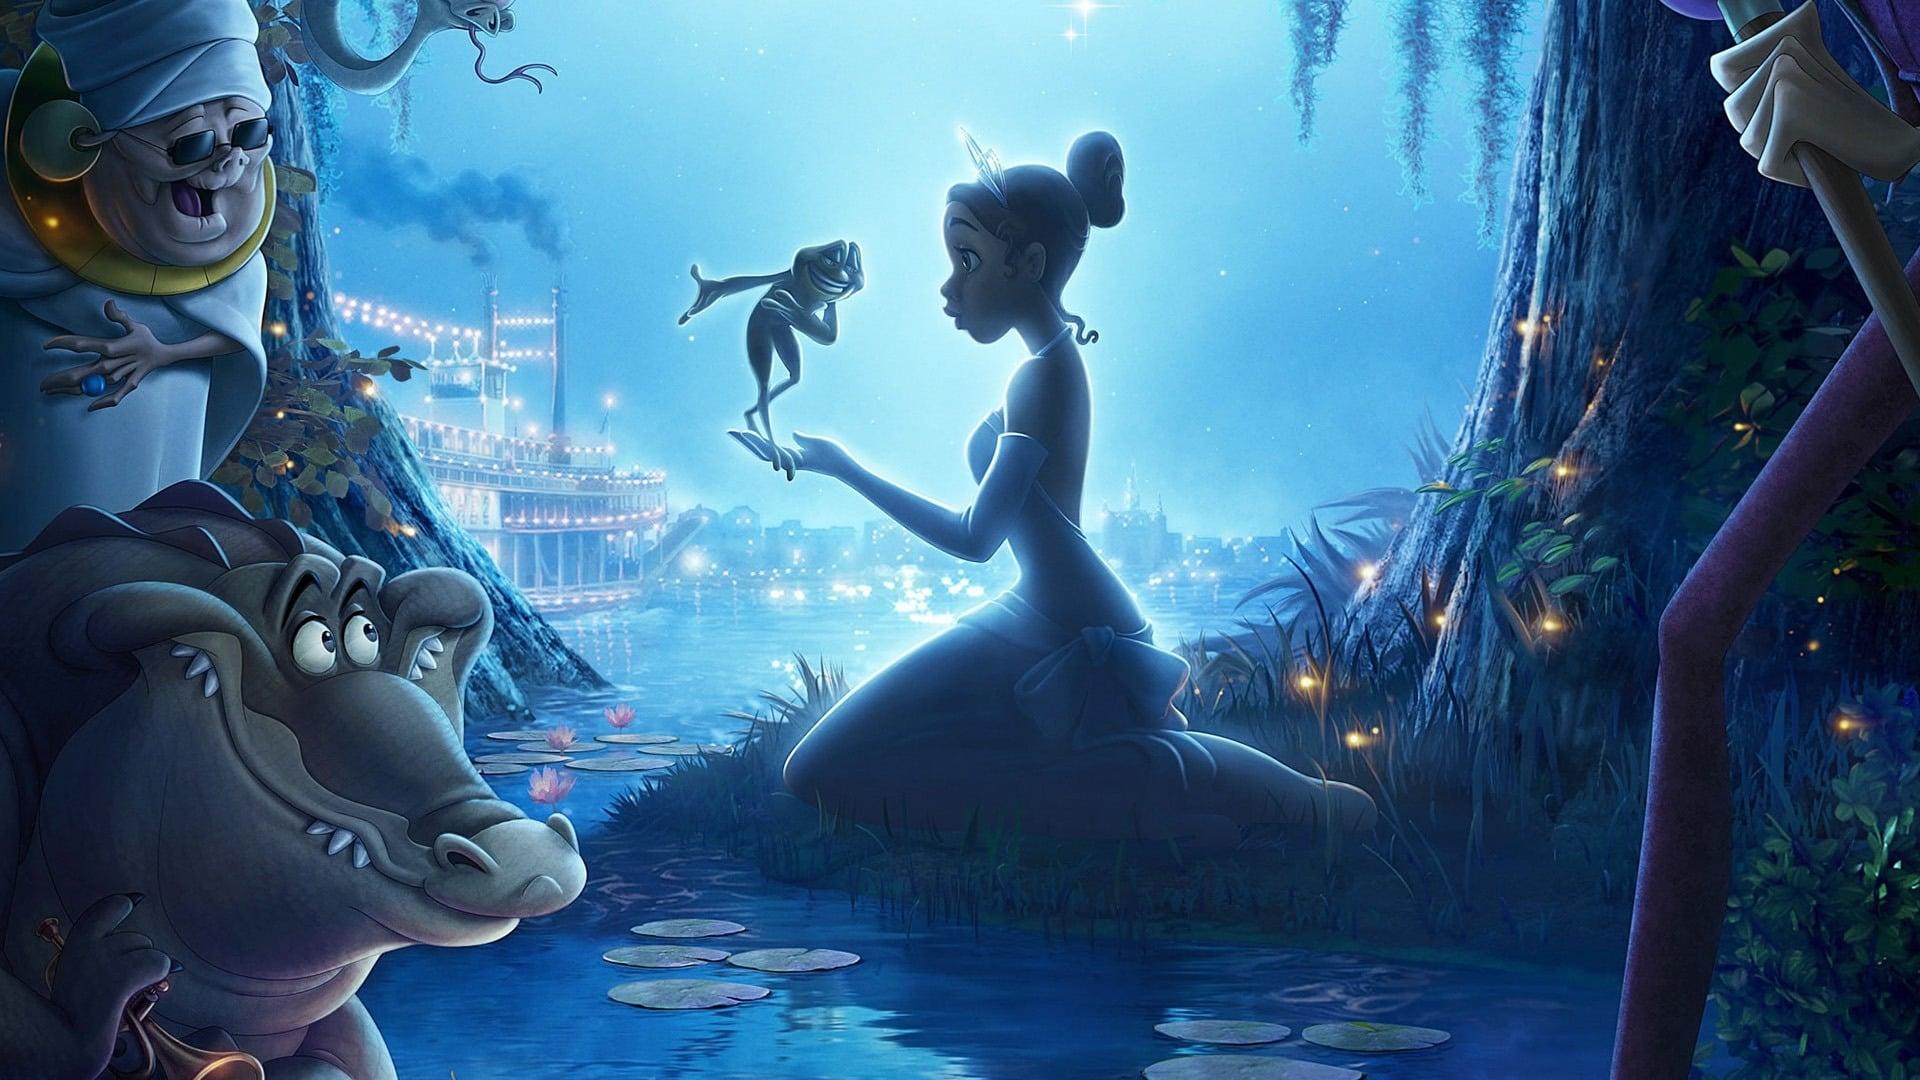 La princesa y el sapo